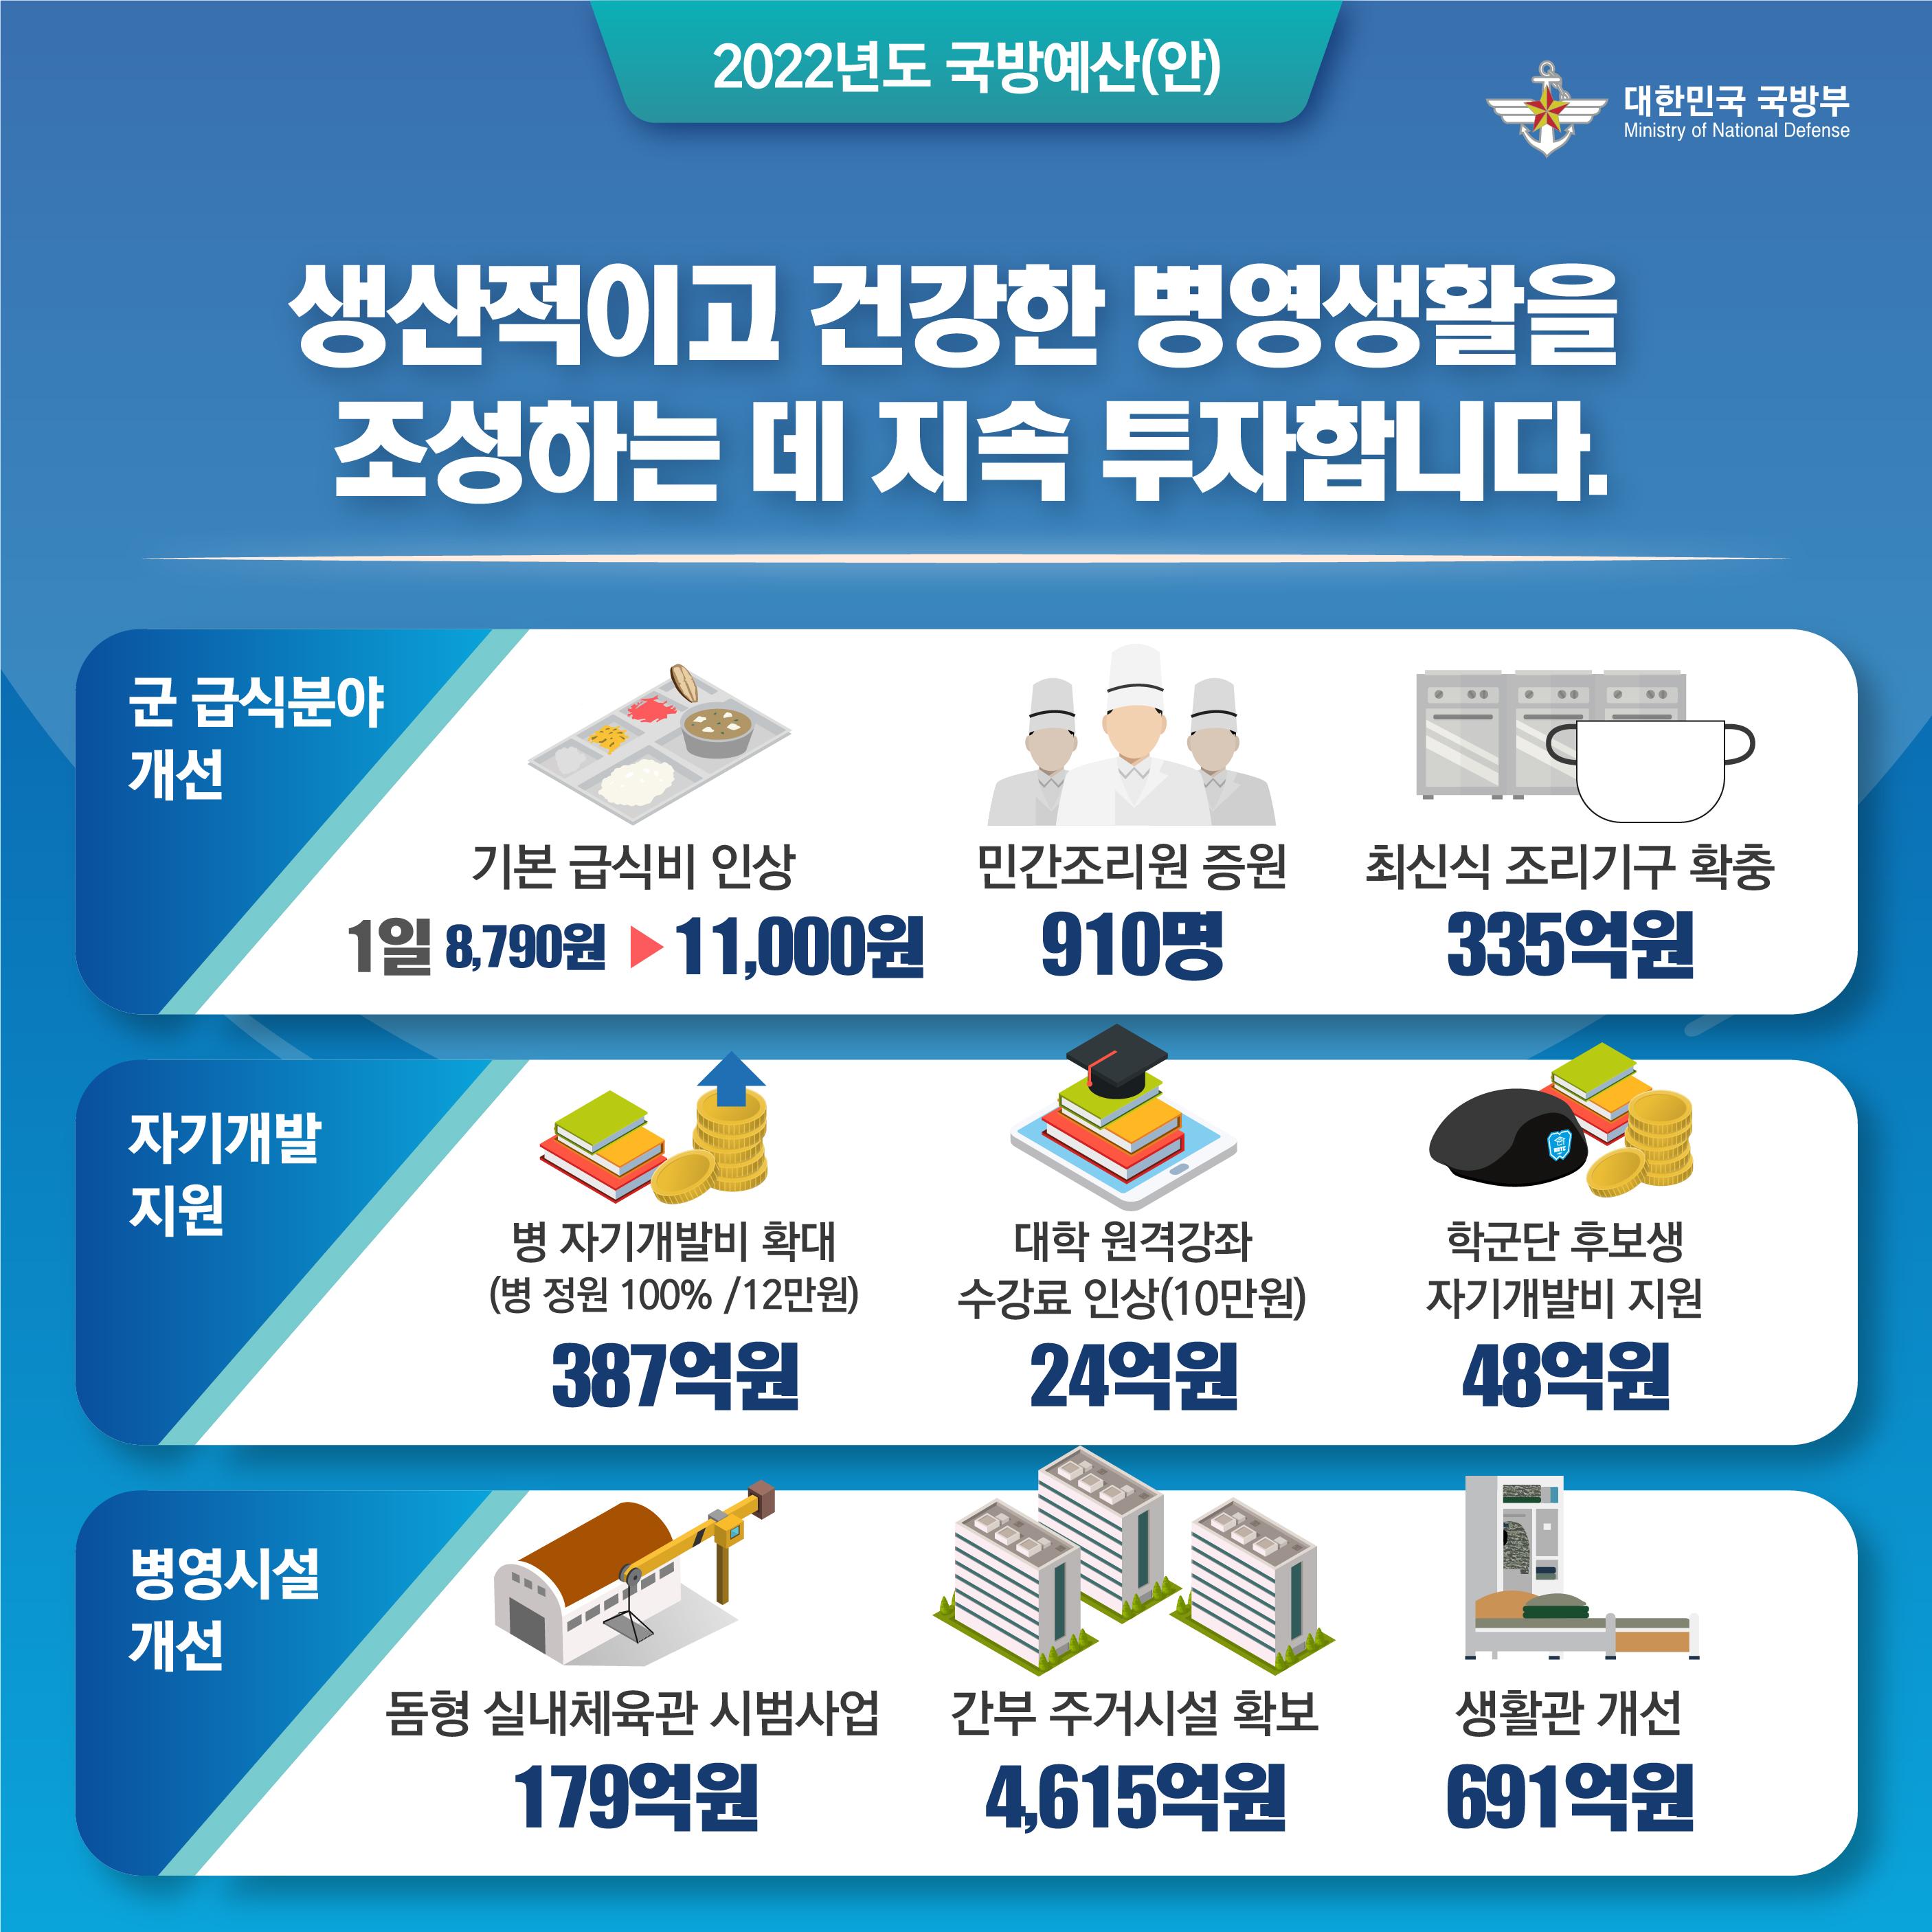 2022 국방예산 카드뉴스 6.jpg